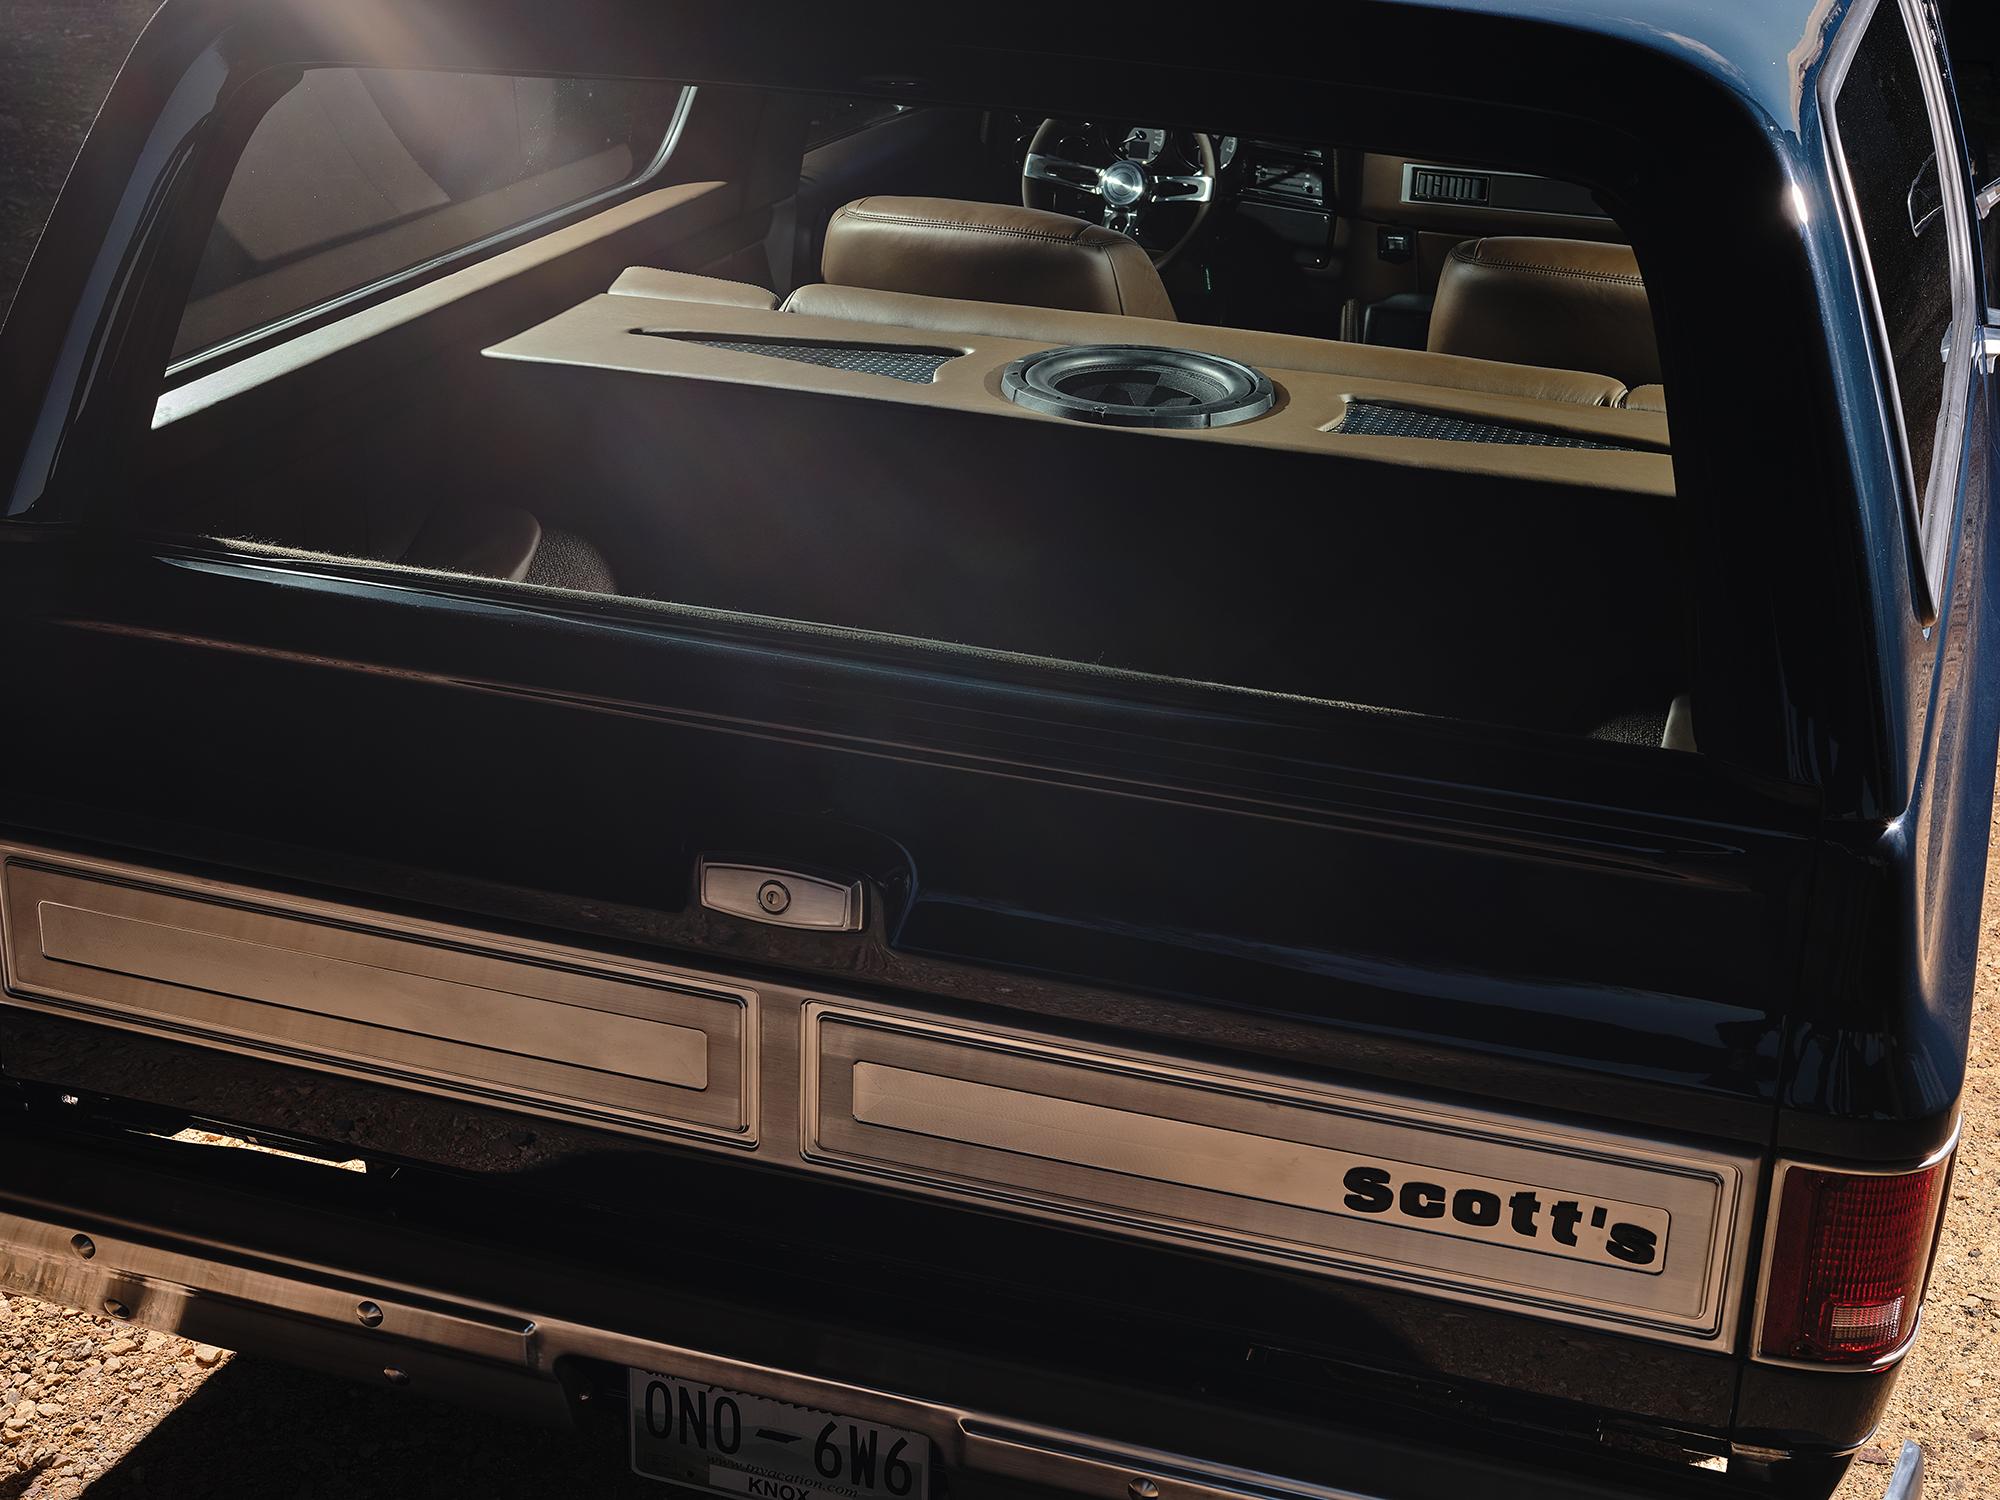 scotts-hotrods-squarebody-blazer-46